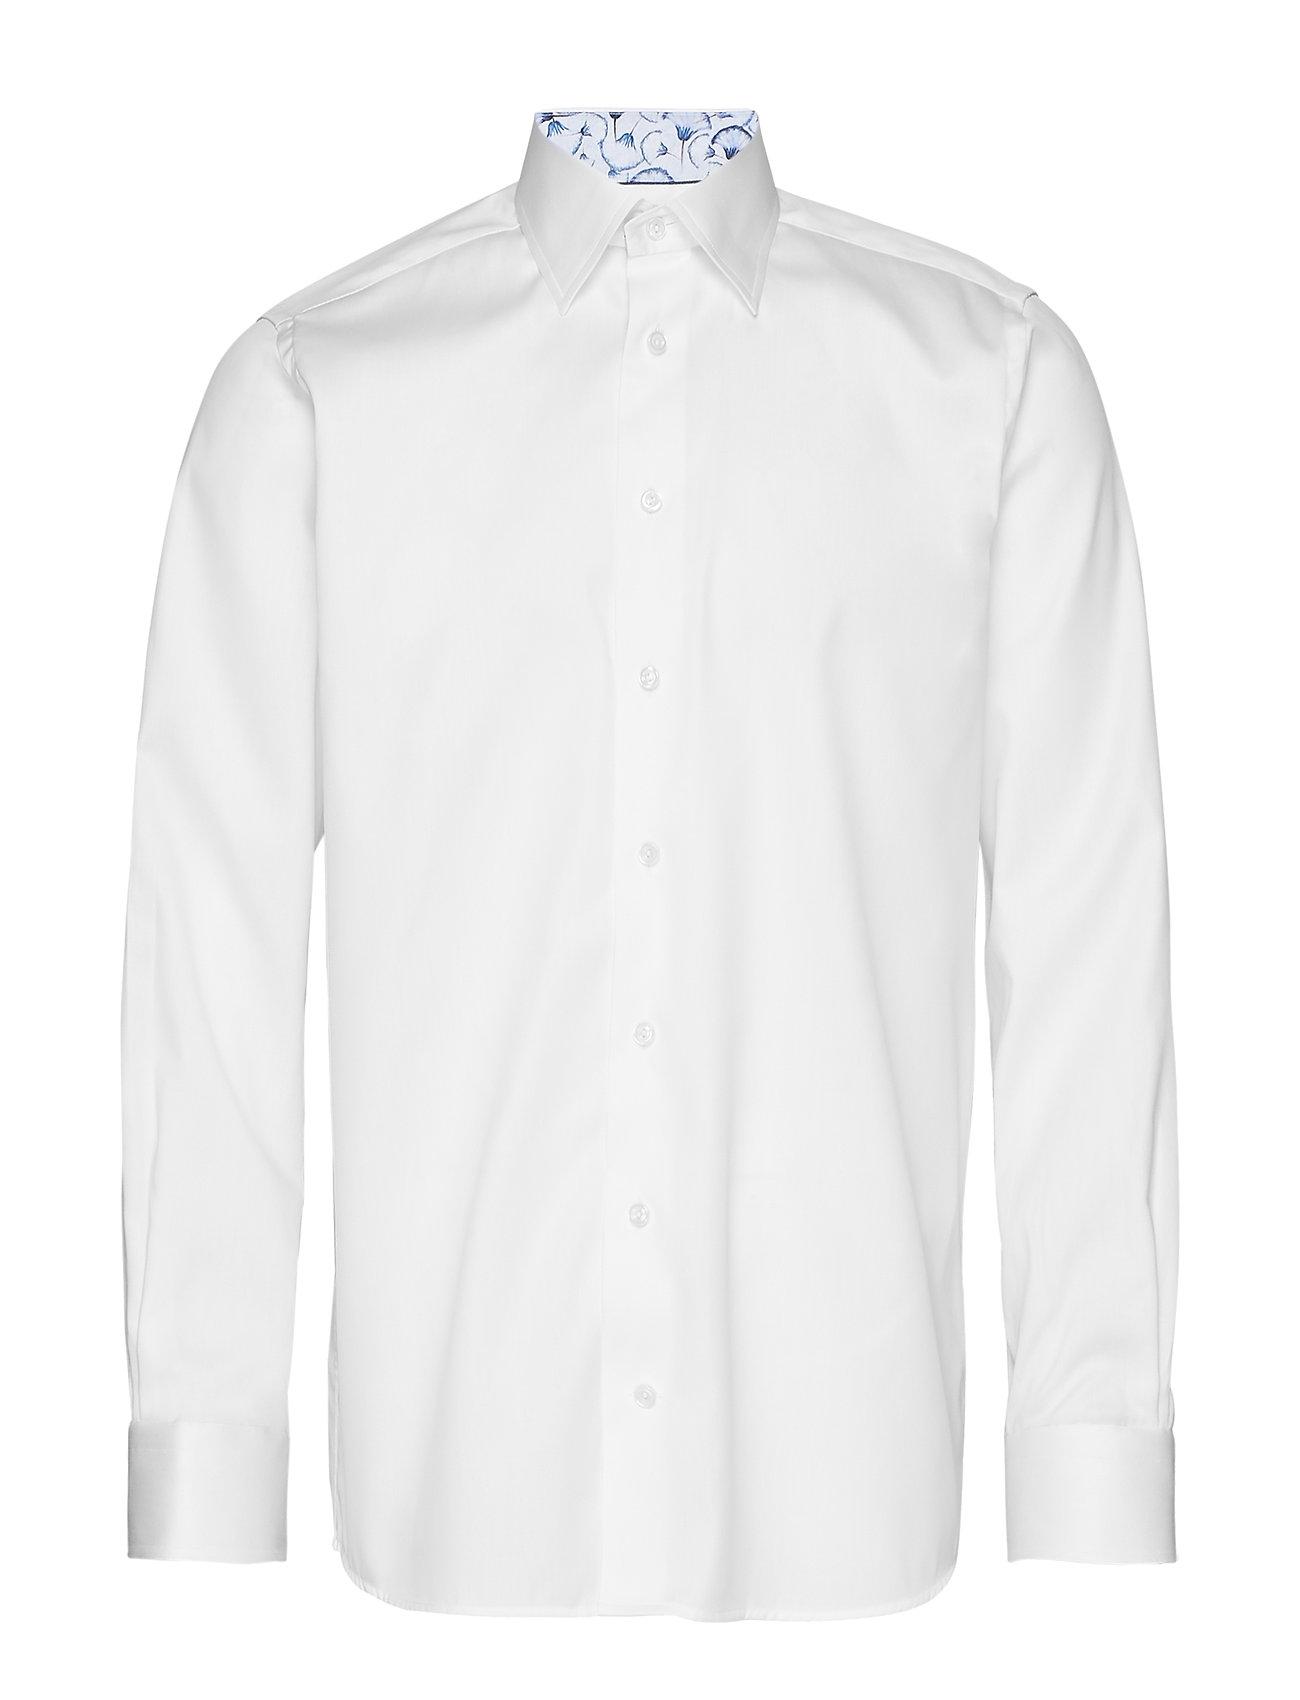 Eton White Twill Shirt – Papyrus Print Details - WHITE